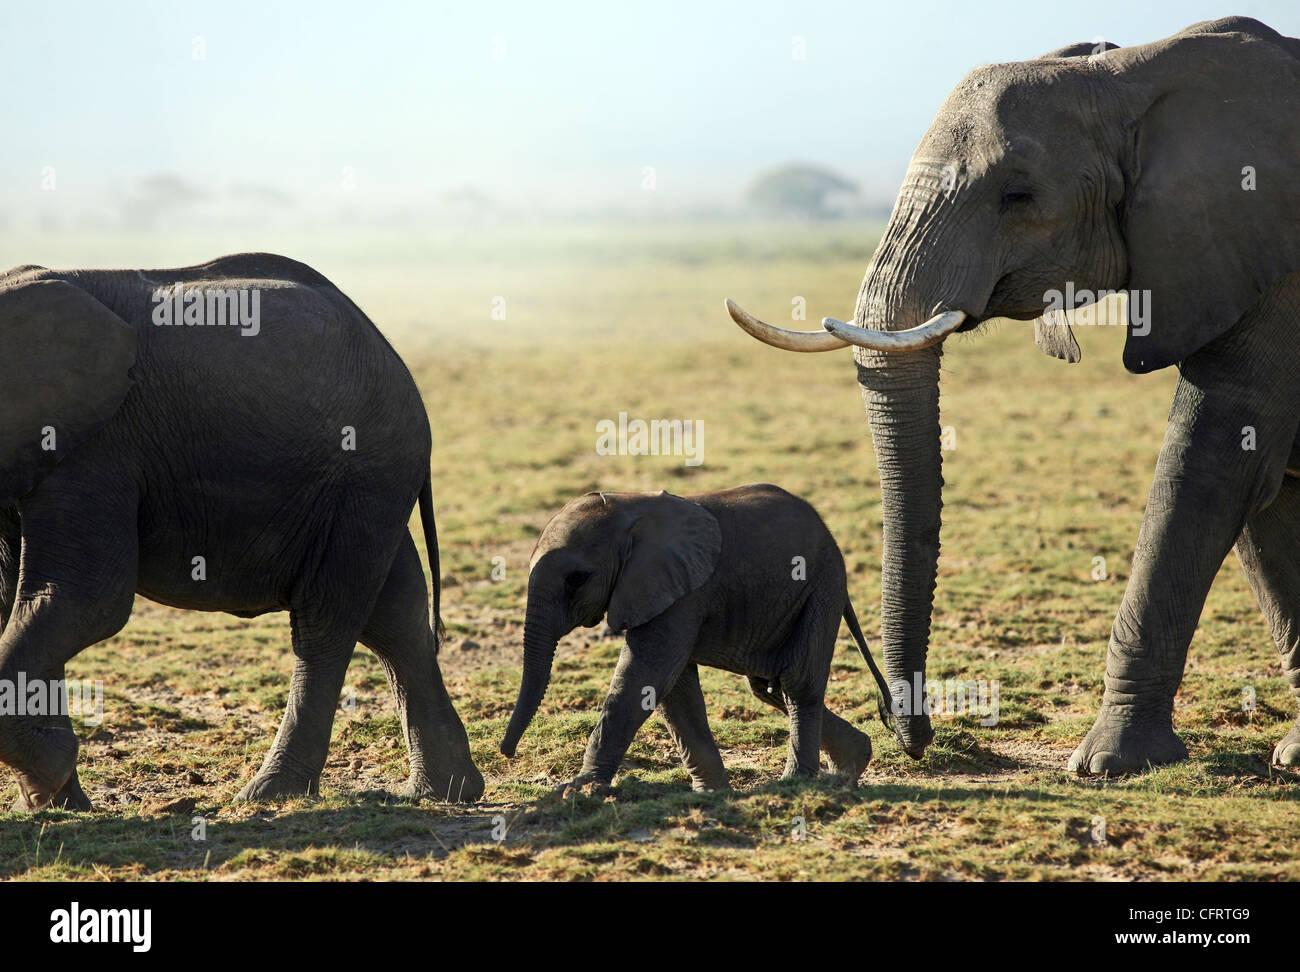 Baby elephant, Amboseli National Park, Kenya. - Stock Image